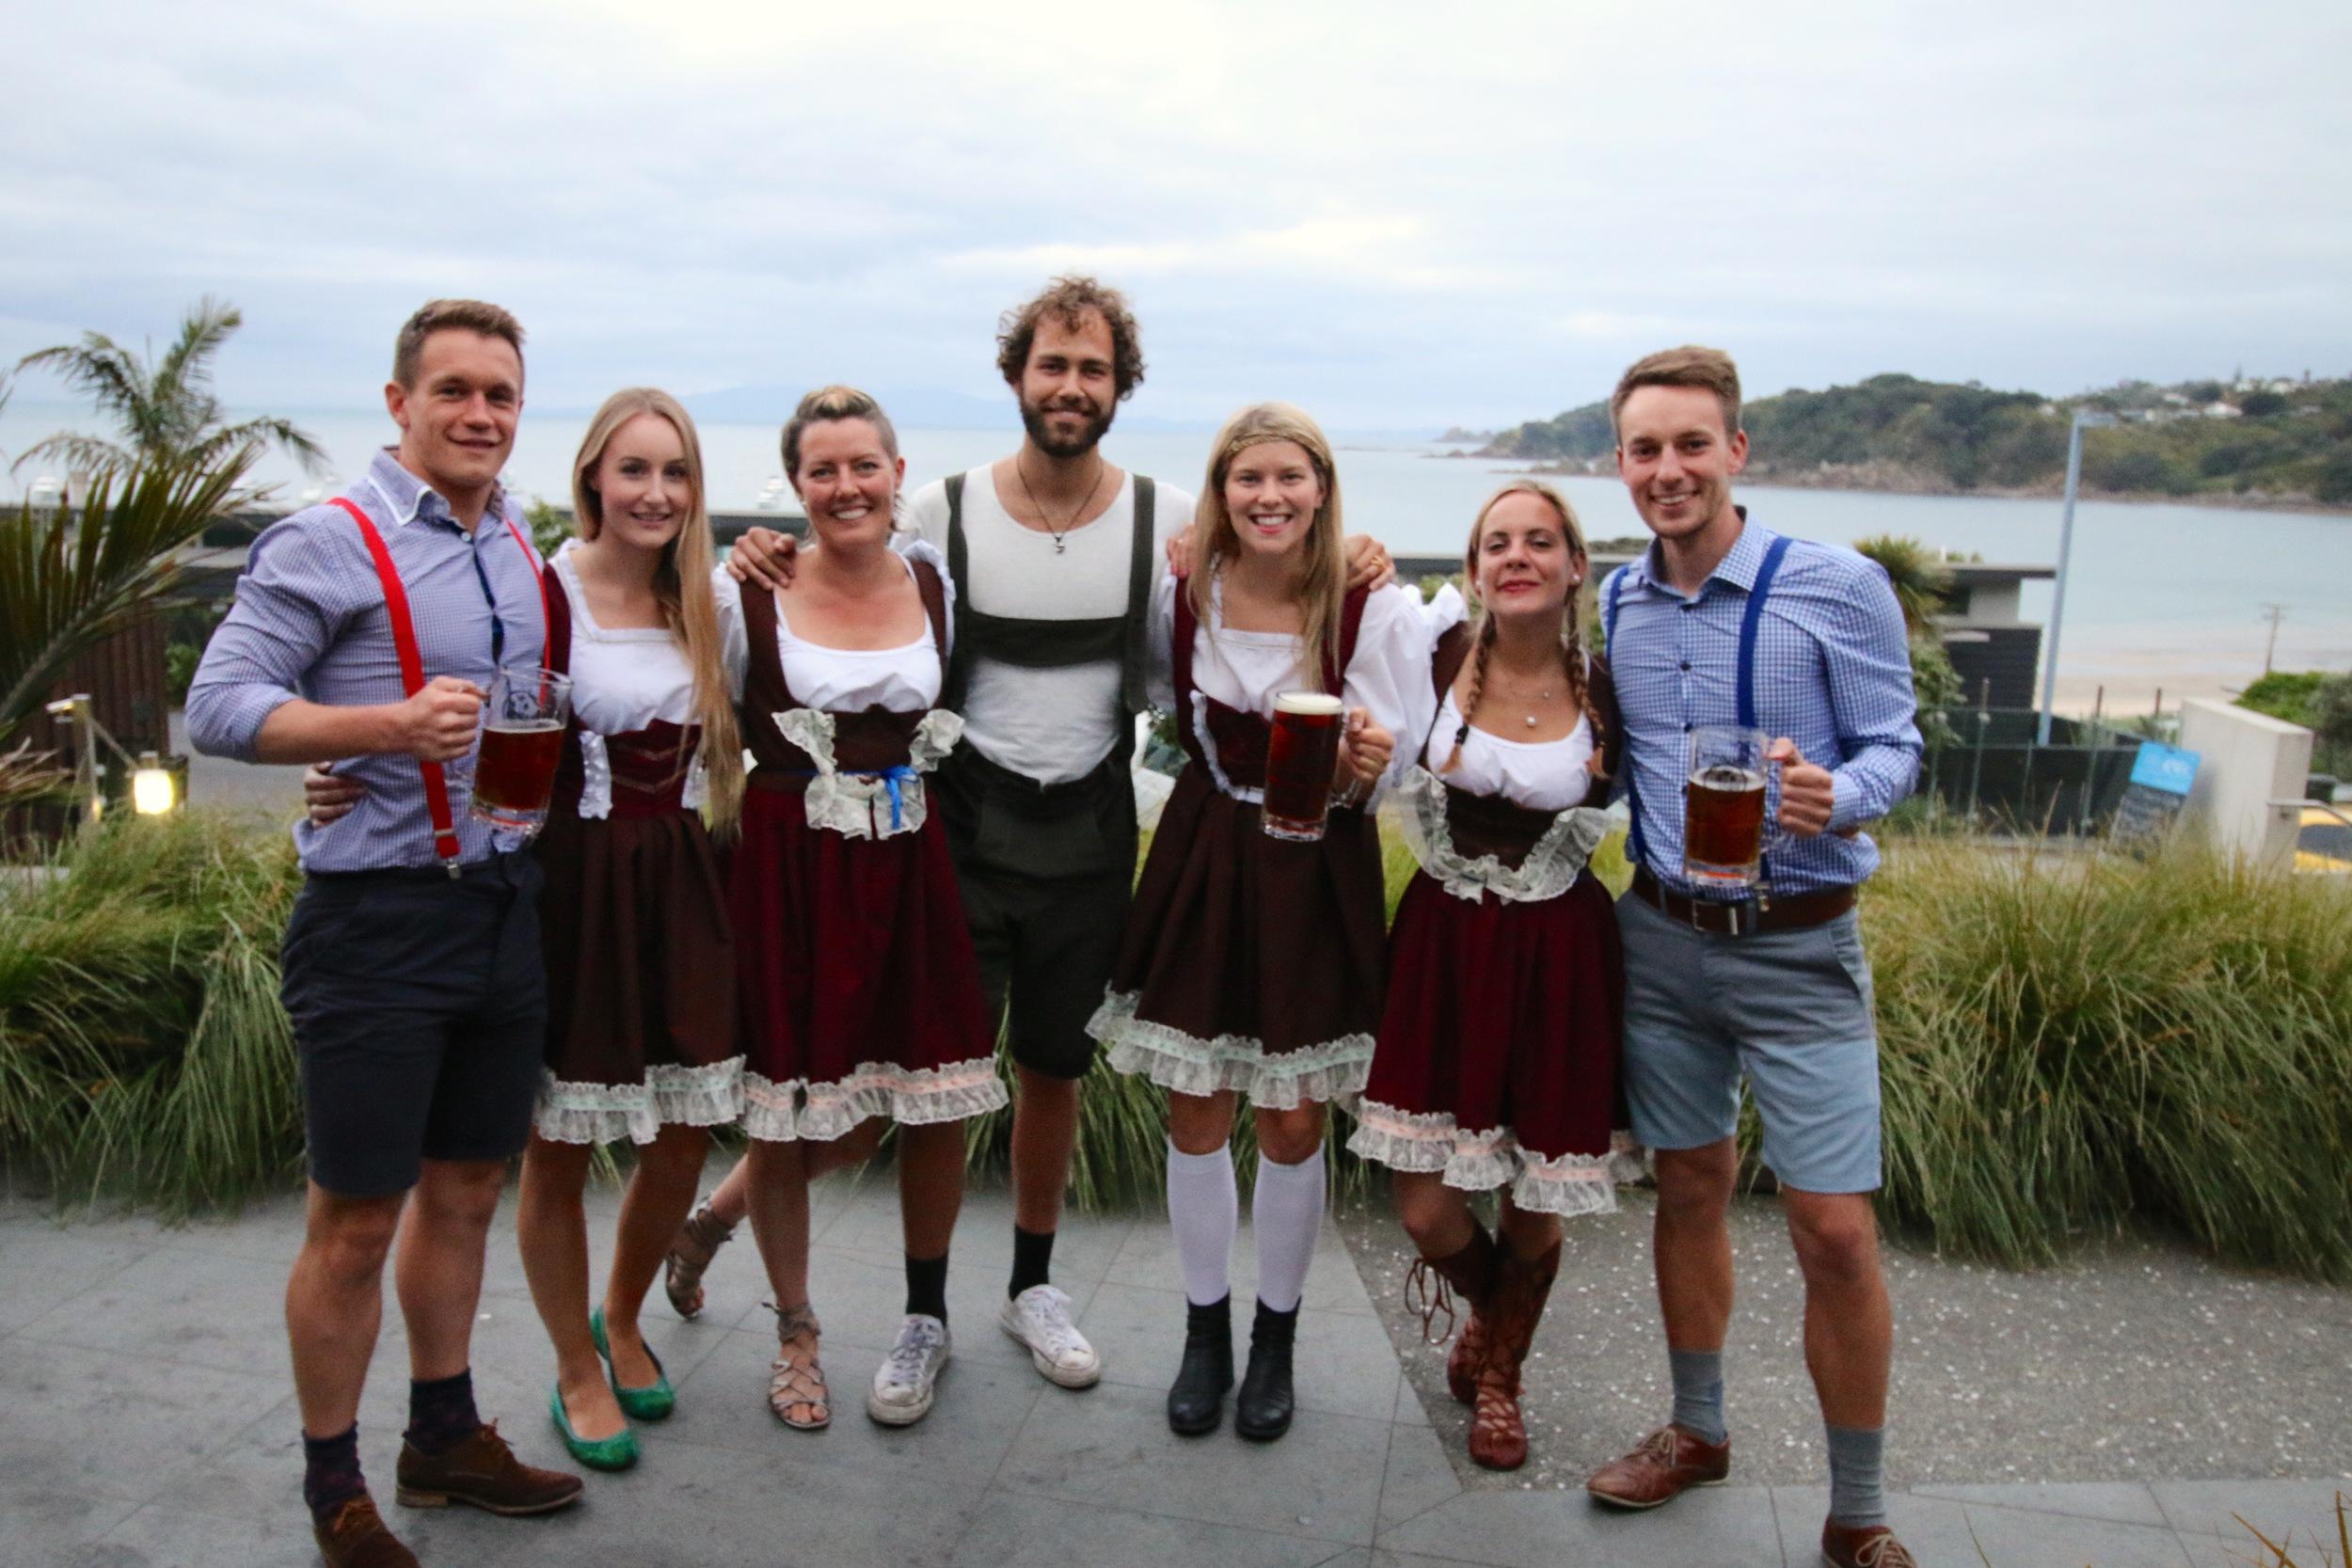 Oktoberfest at the Cove, Waiheke Island